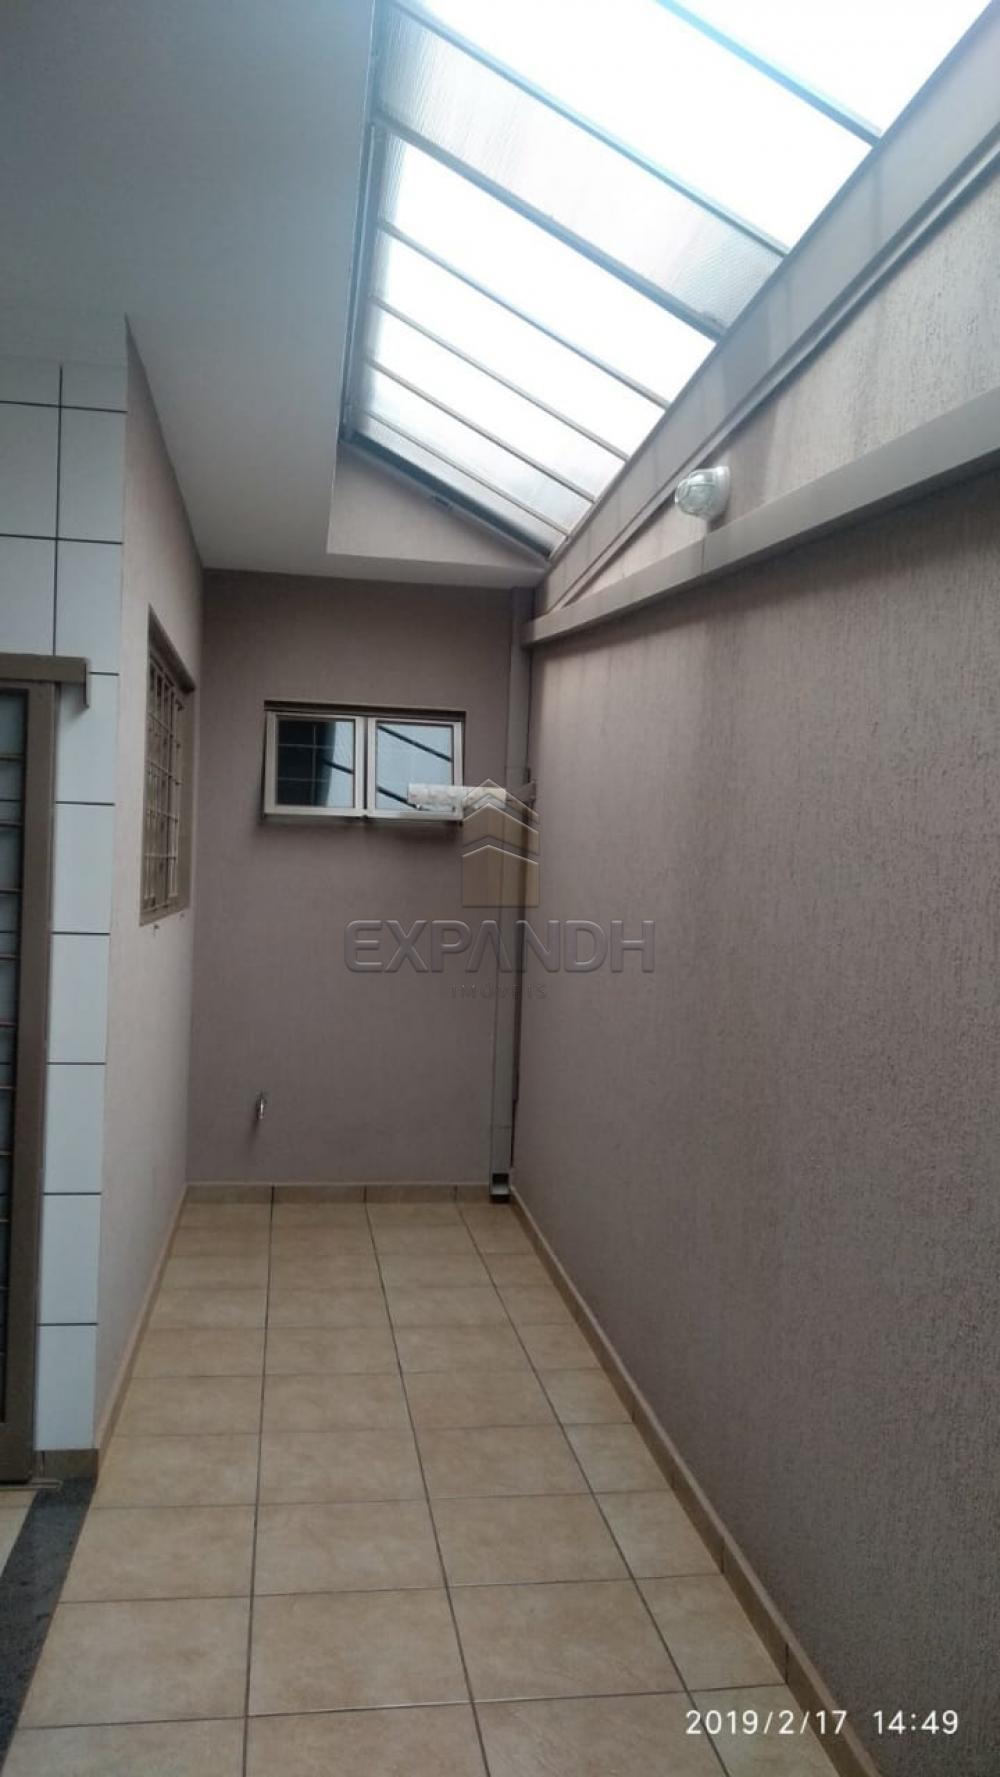 Comprar Casas / Padrão em Sertãozinho apenas R$ 355.000,00 - Foto 10